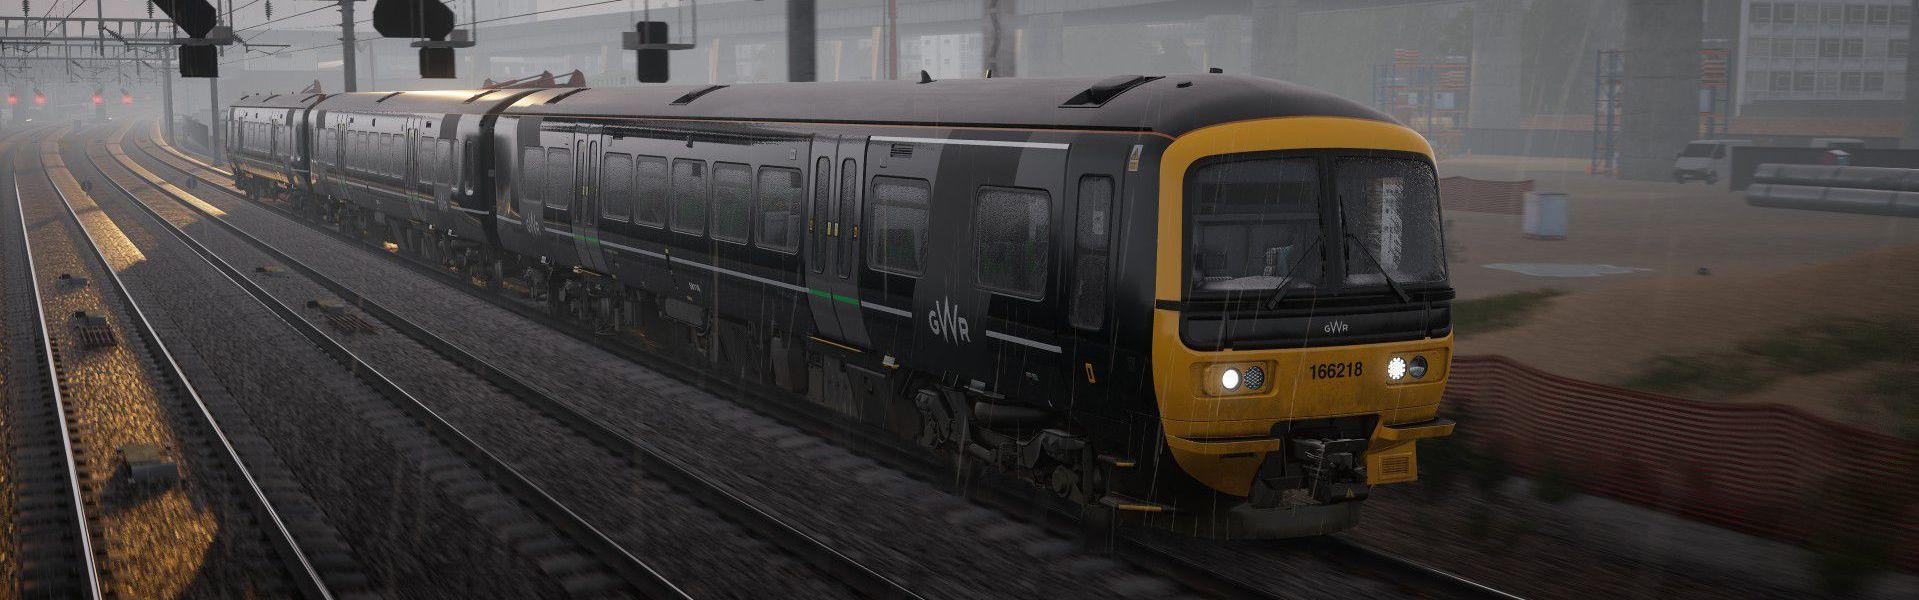 Train Sim World Bundle Steam Key EUROPE